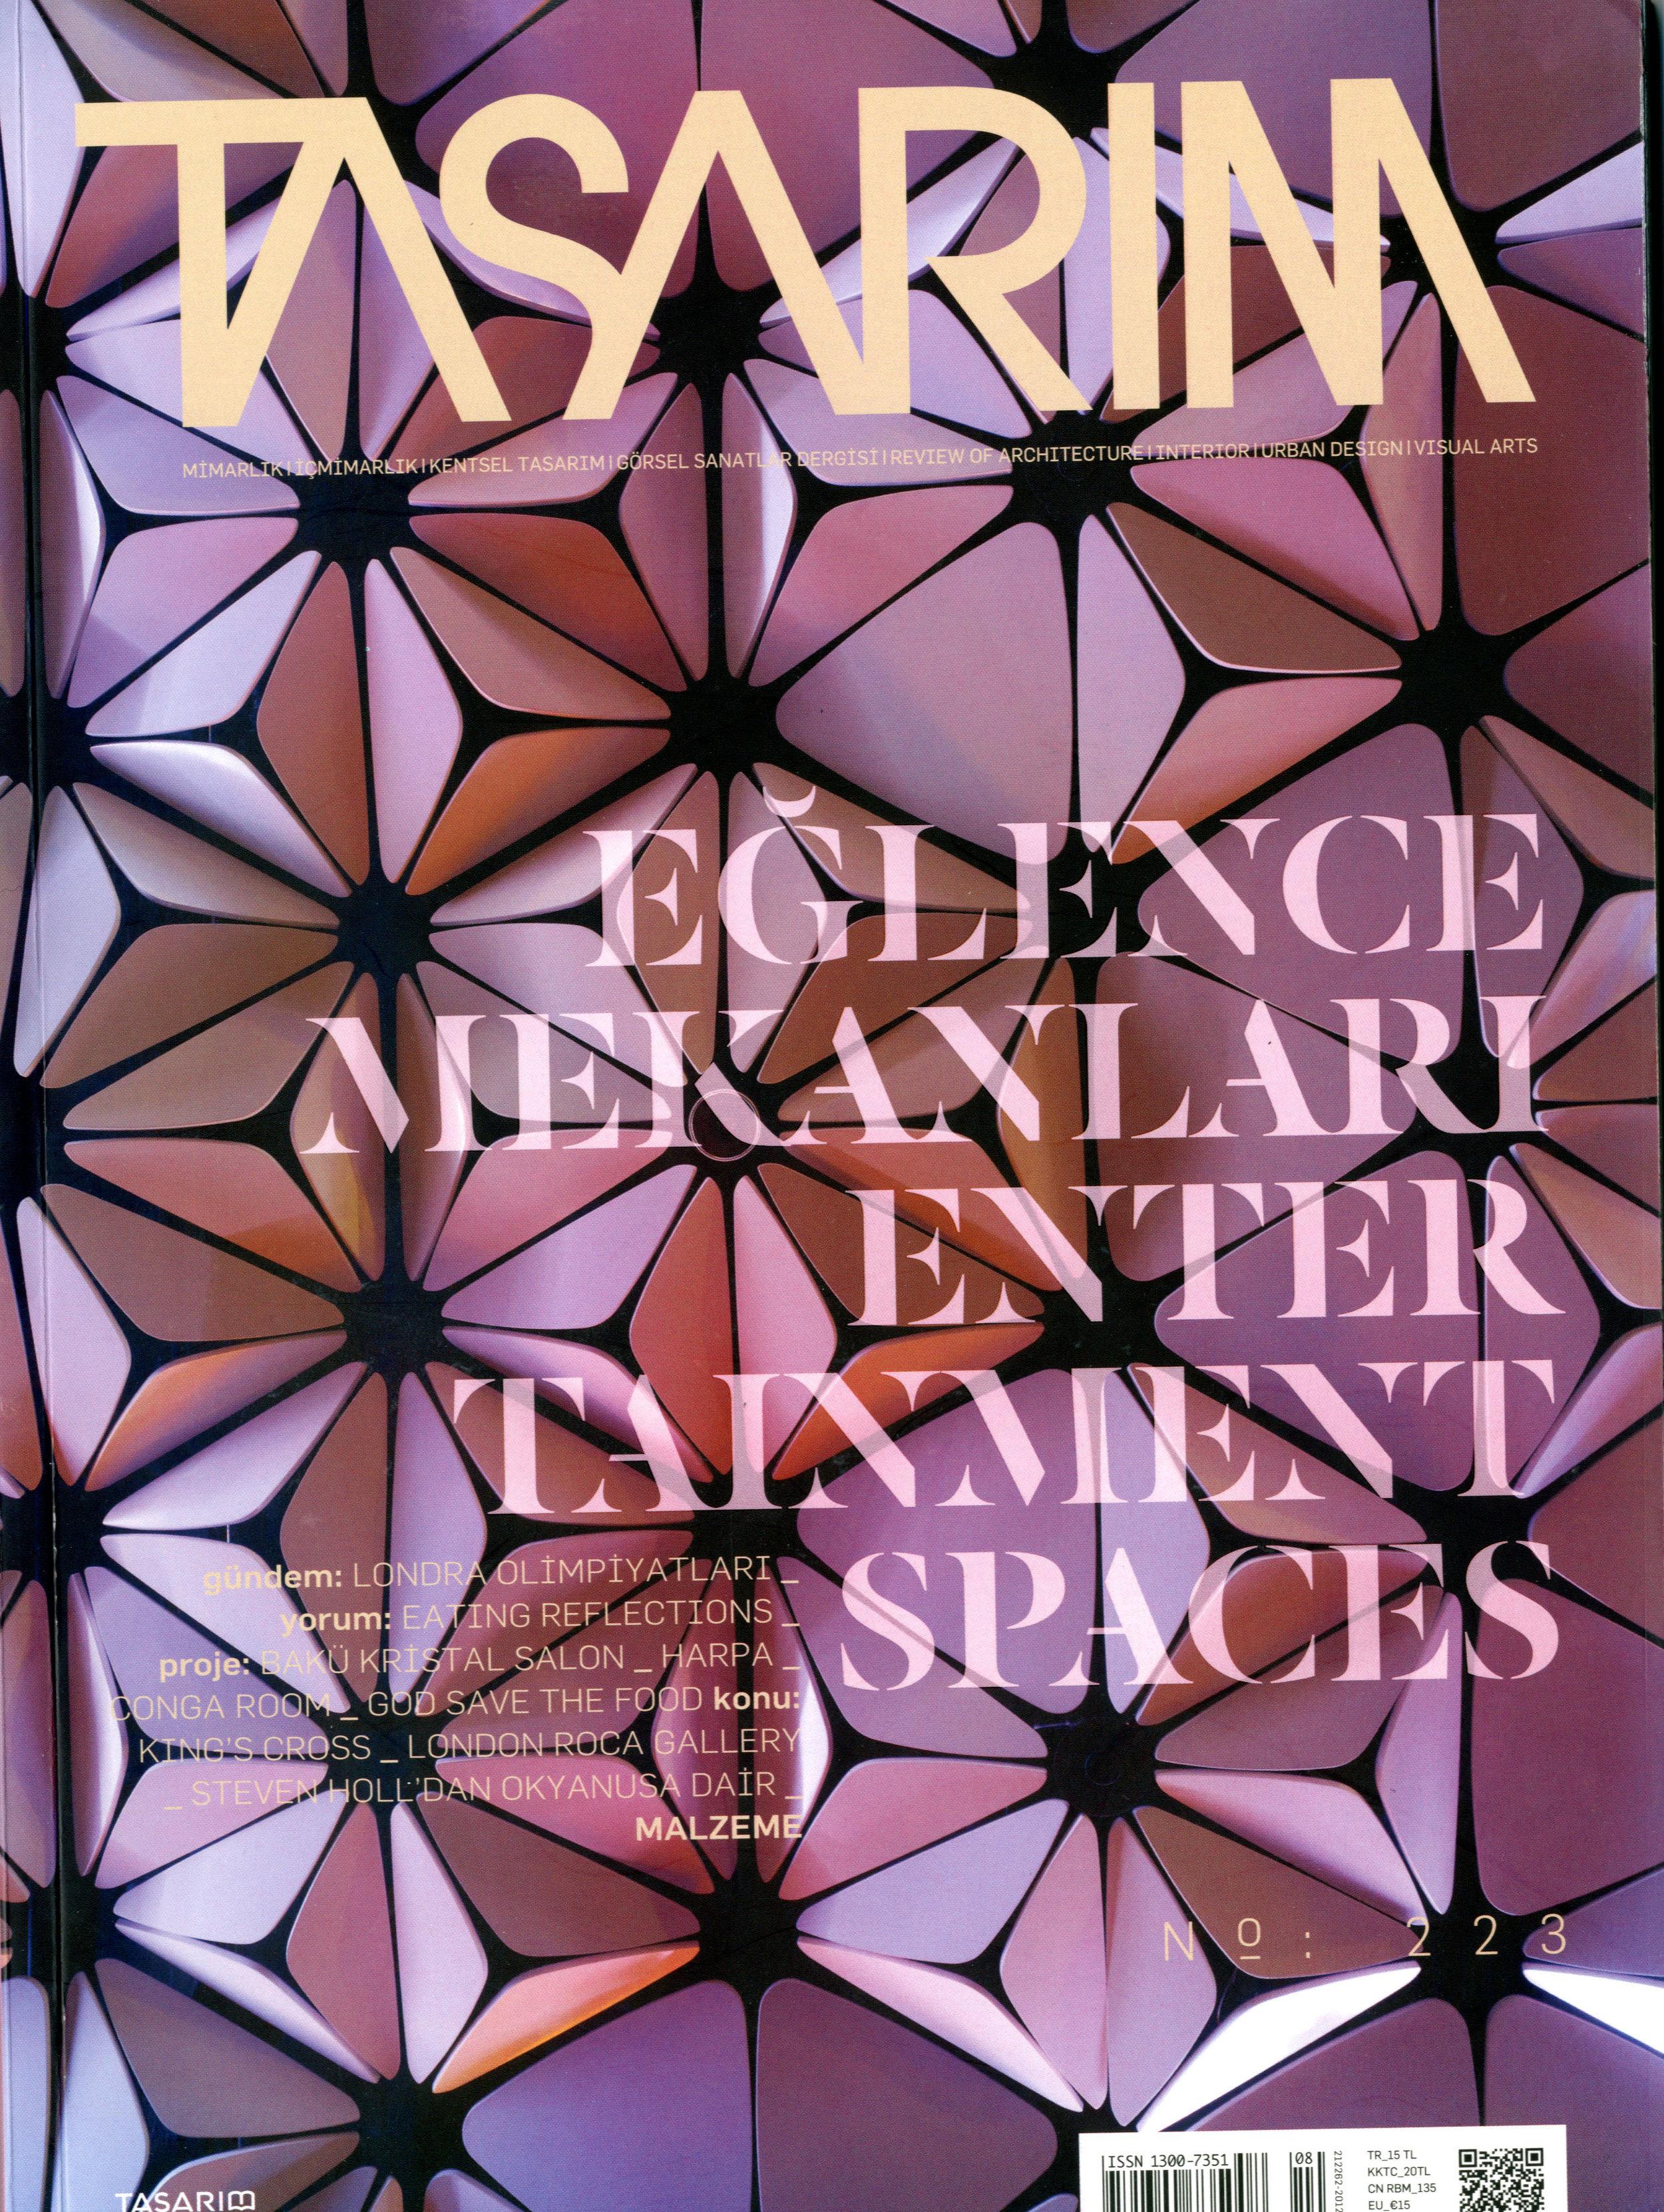 Tasarim-cover.jpg